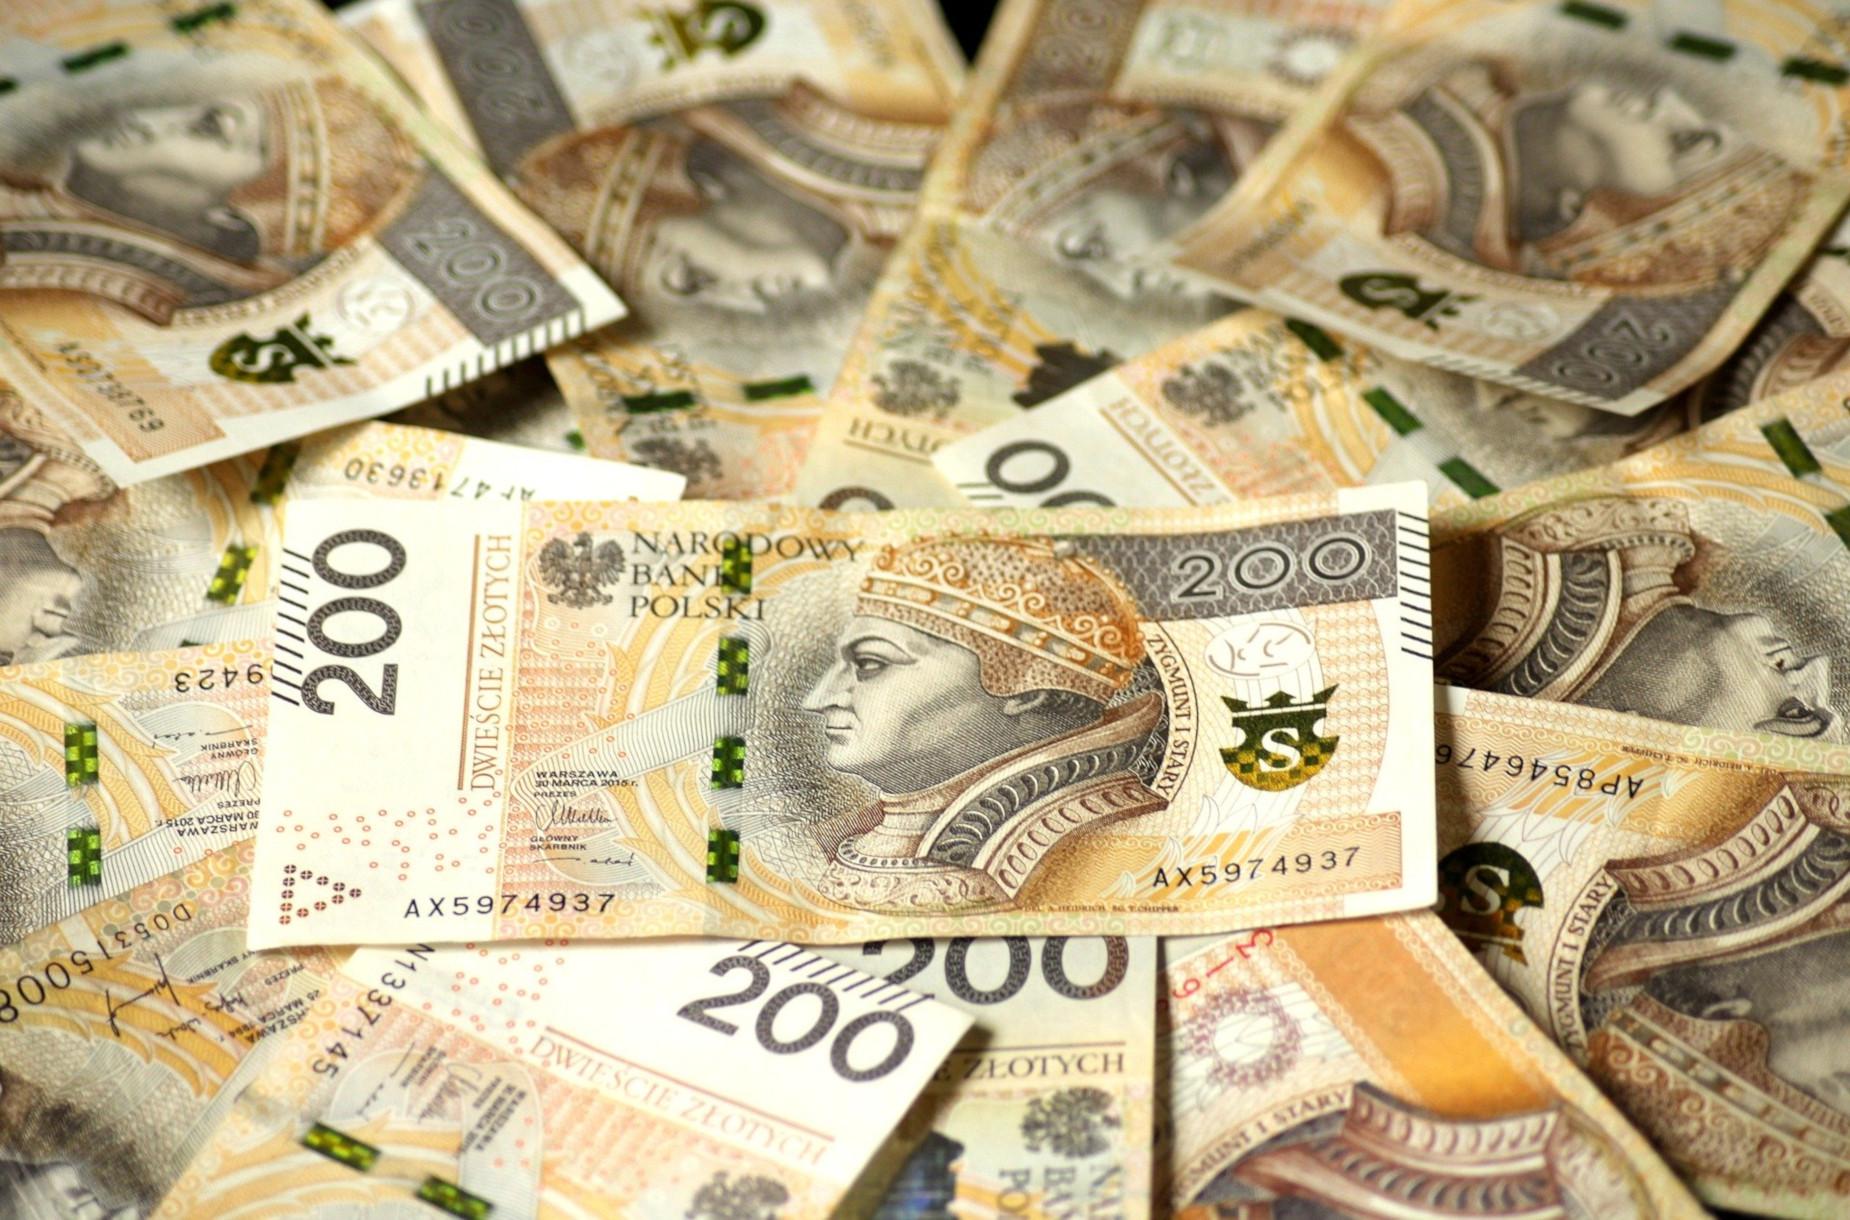 Prawie 30 mln zł dla nowych mikroprzedsiębiorstw z Pomorza. Dotacja na podjęcie działalności gospodarczej